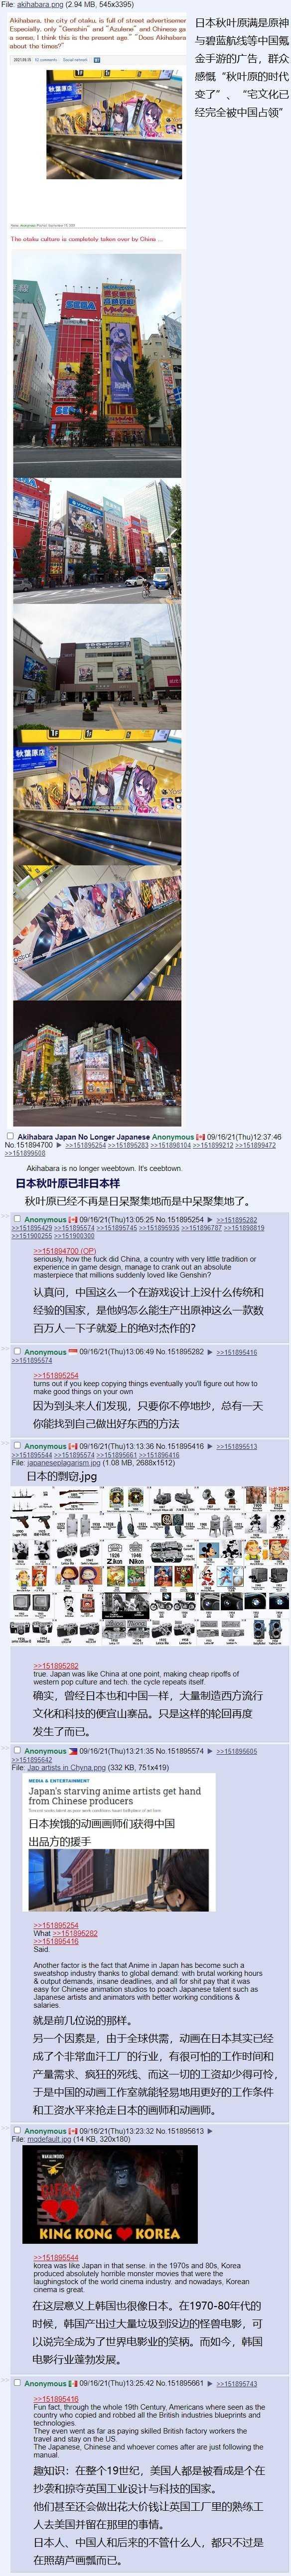 [閒聊] 中國手遊是不是有點東西了